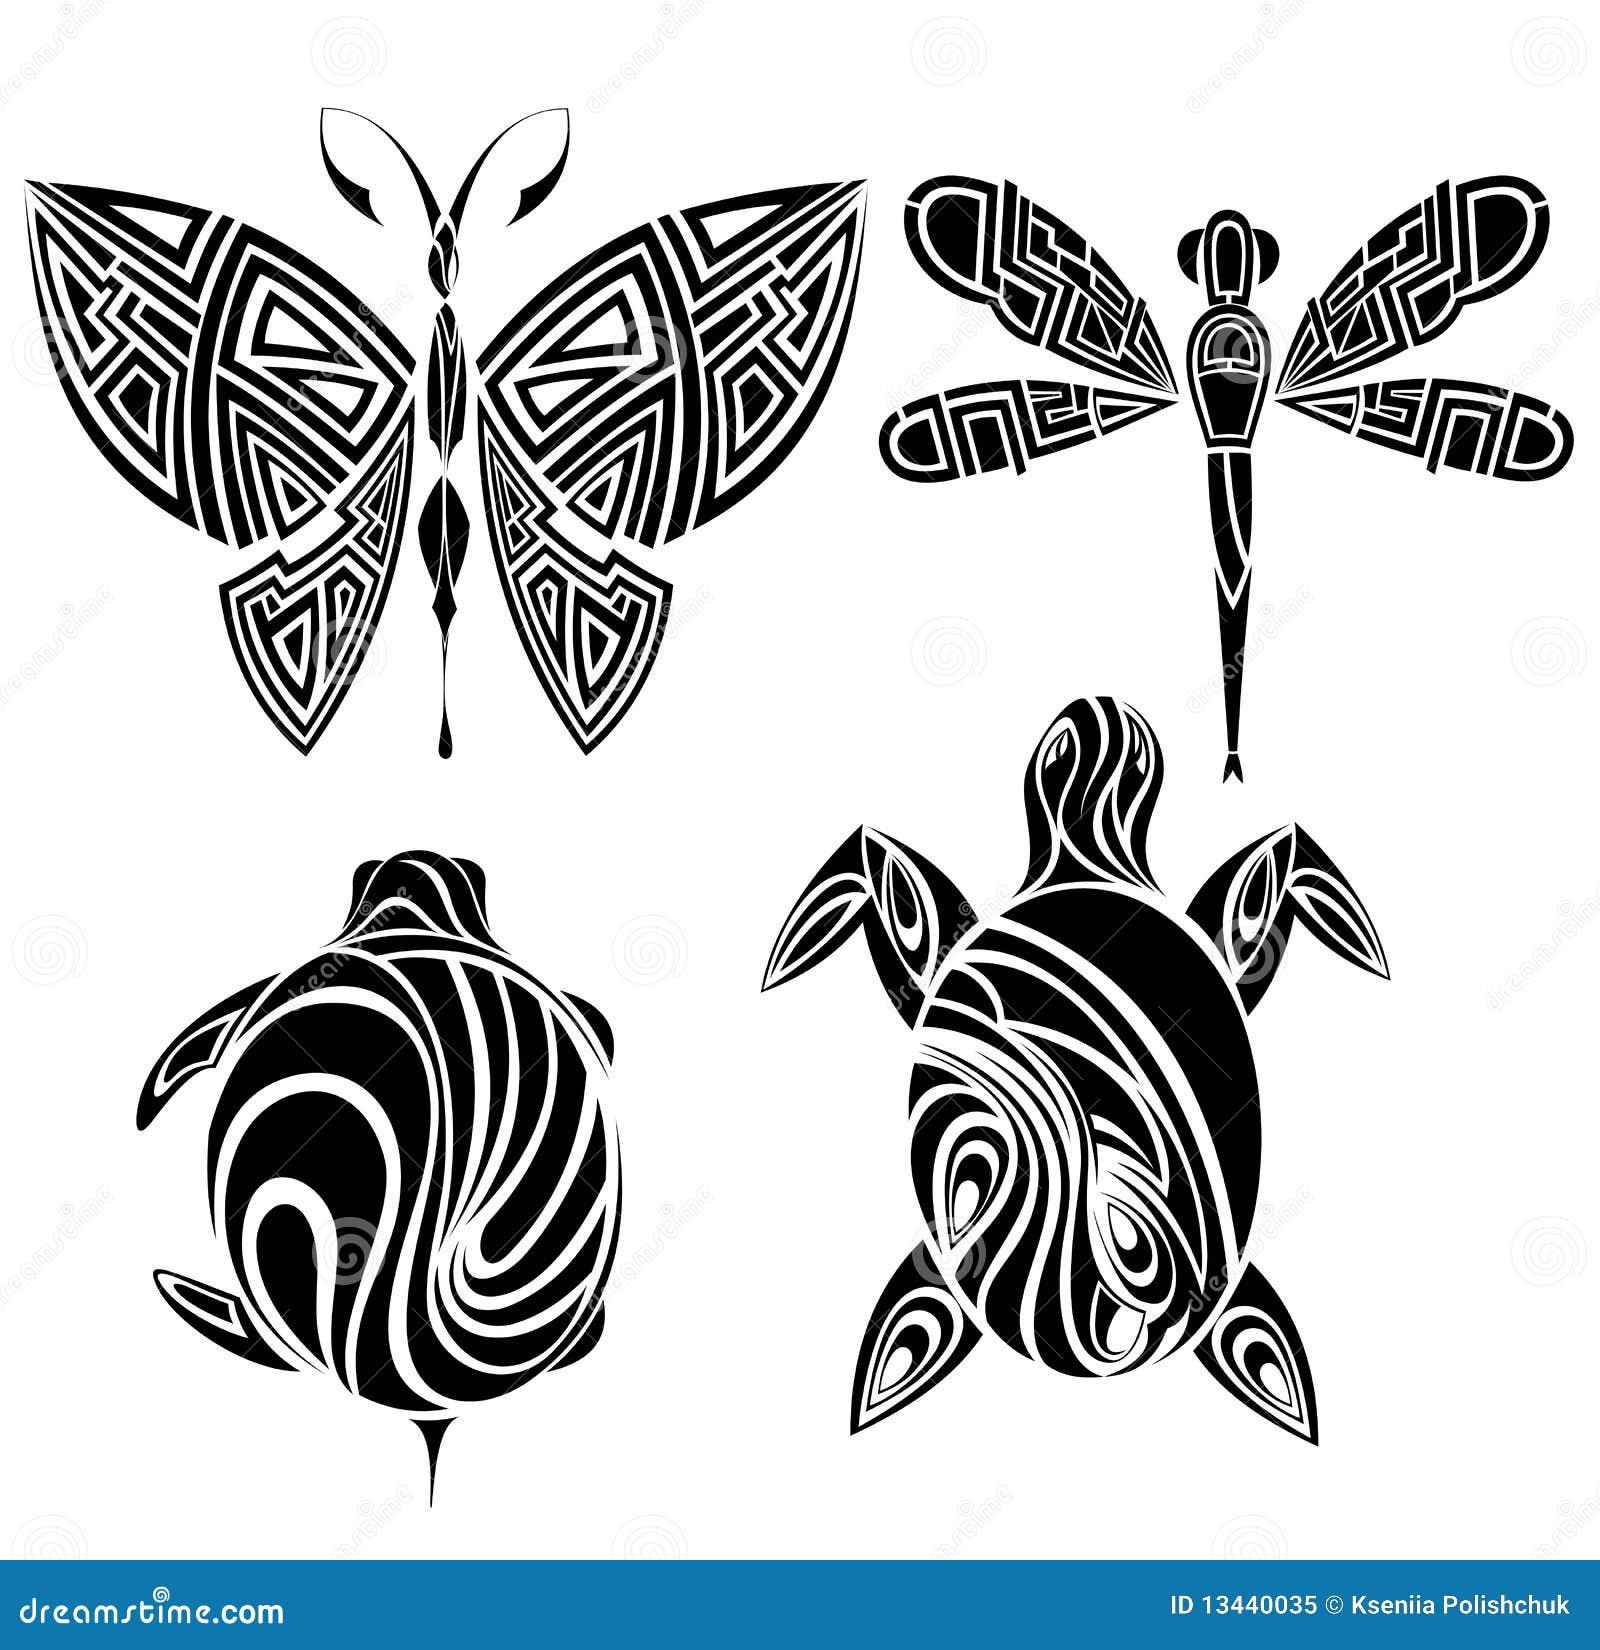 Diseño Del Tatuaje. Mariposa, Tortuga, Libélula Ilustración del ...